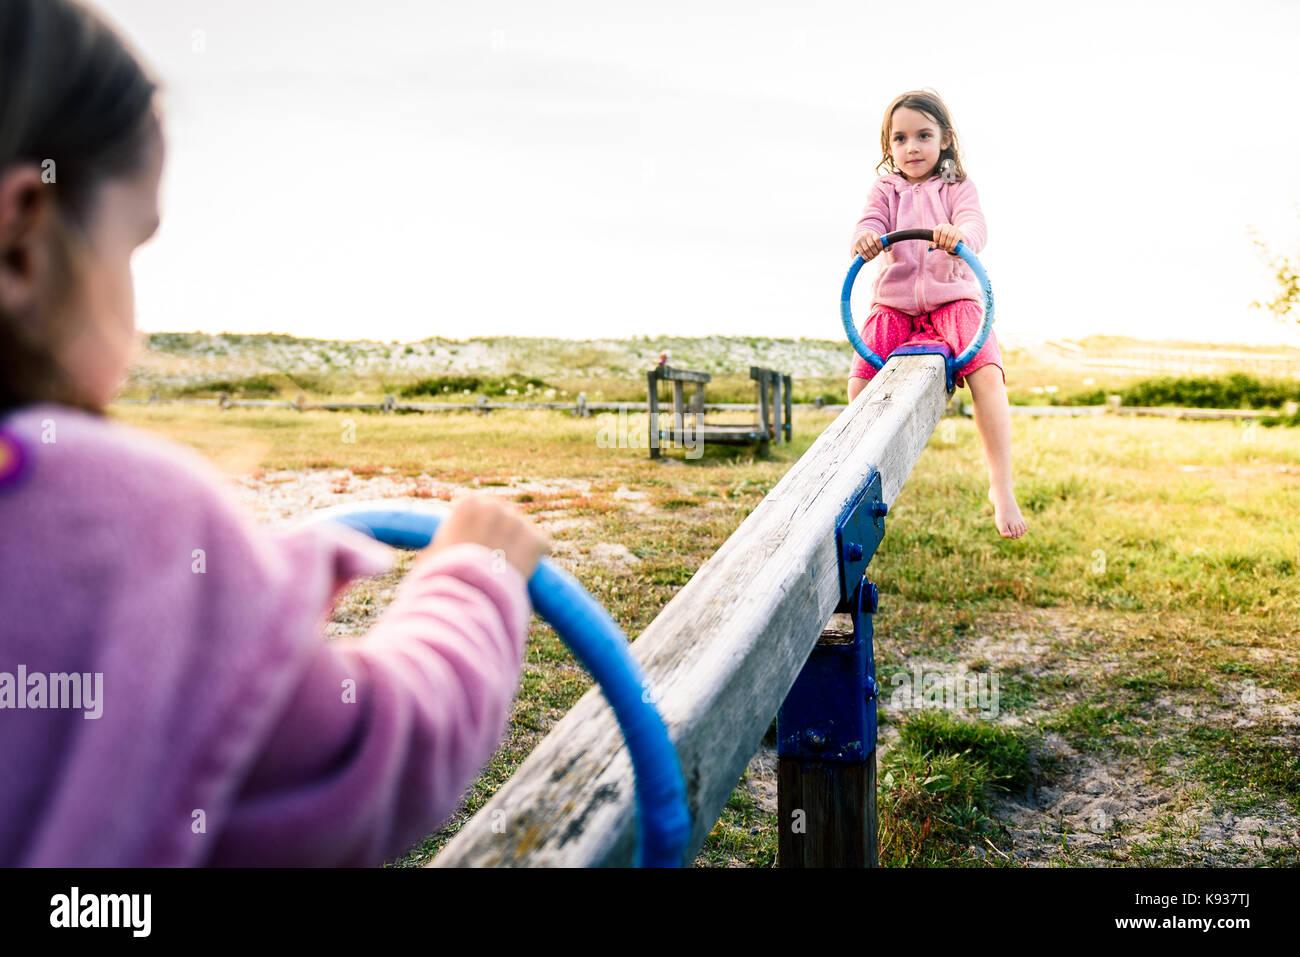 Peu d'enfants sont des jumelles équitation seesaw swing in park. actif enfants jouant sur des balançoires Photo Stock